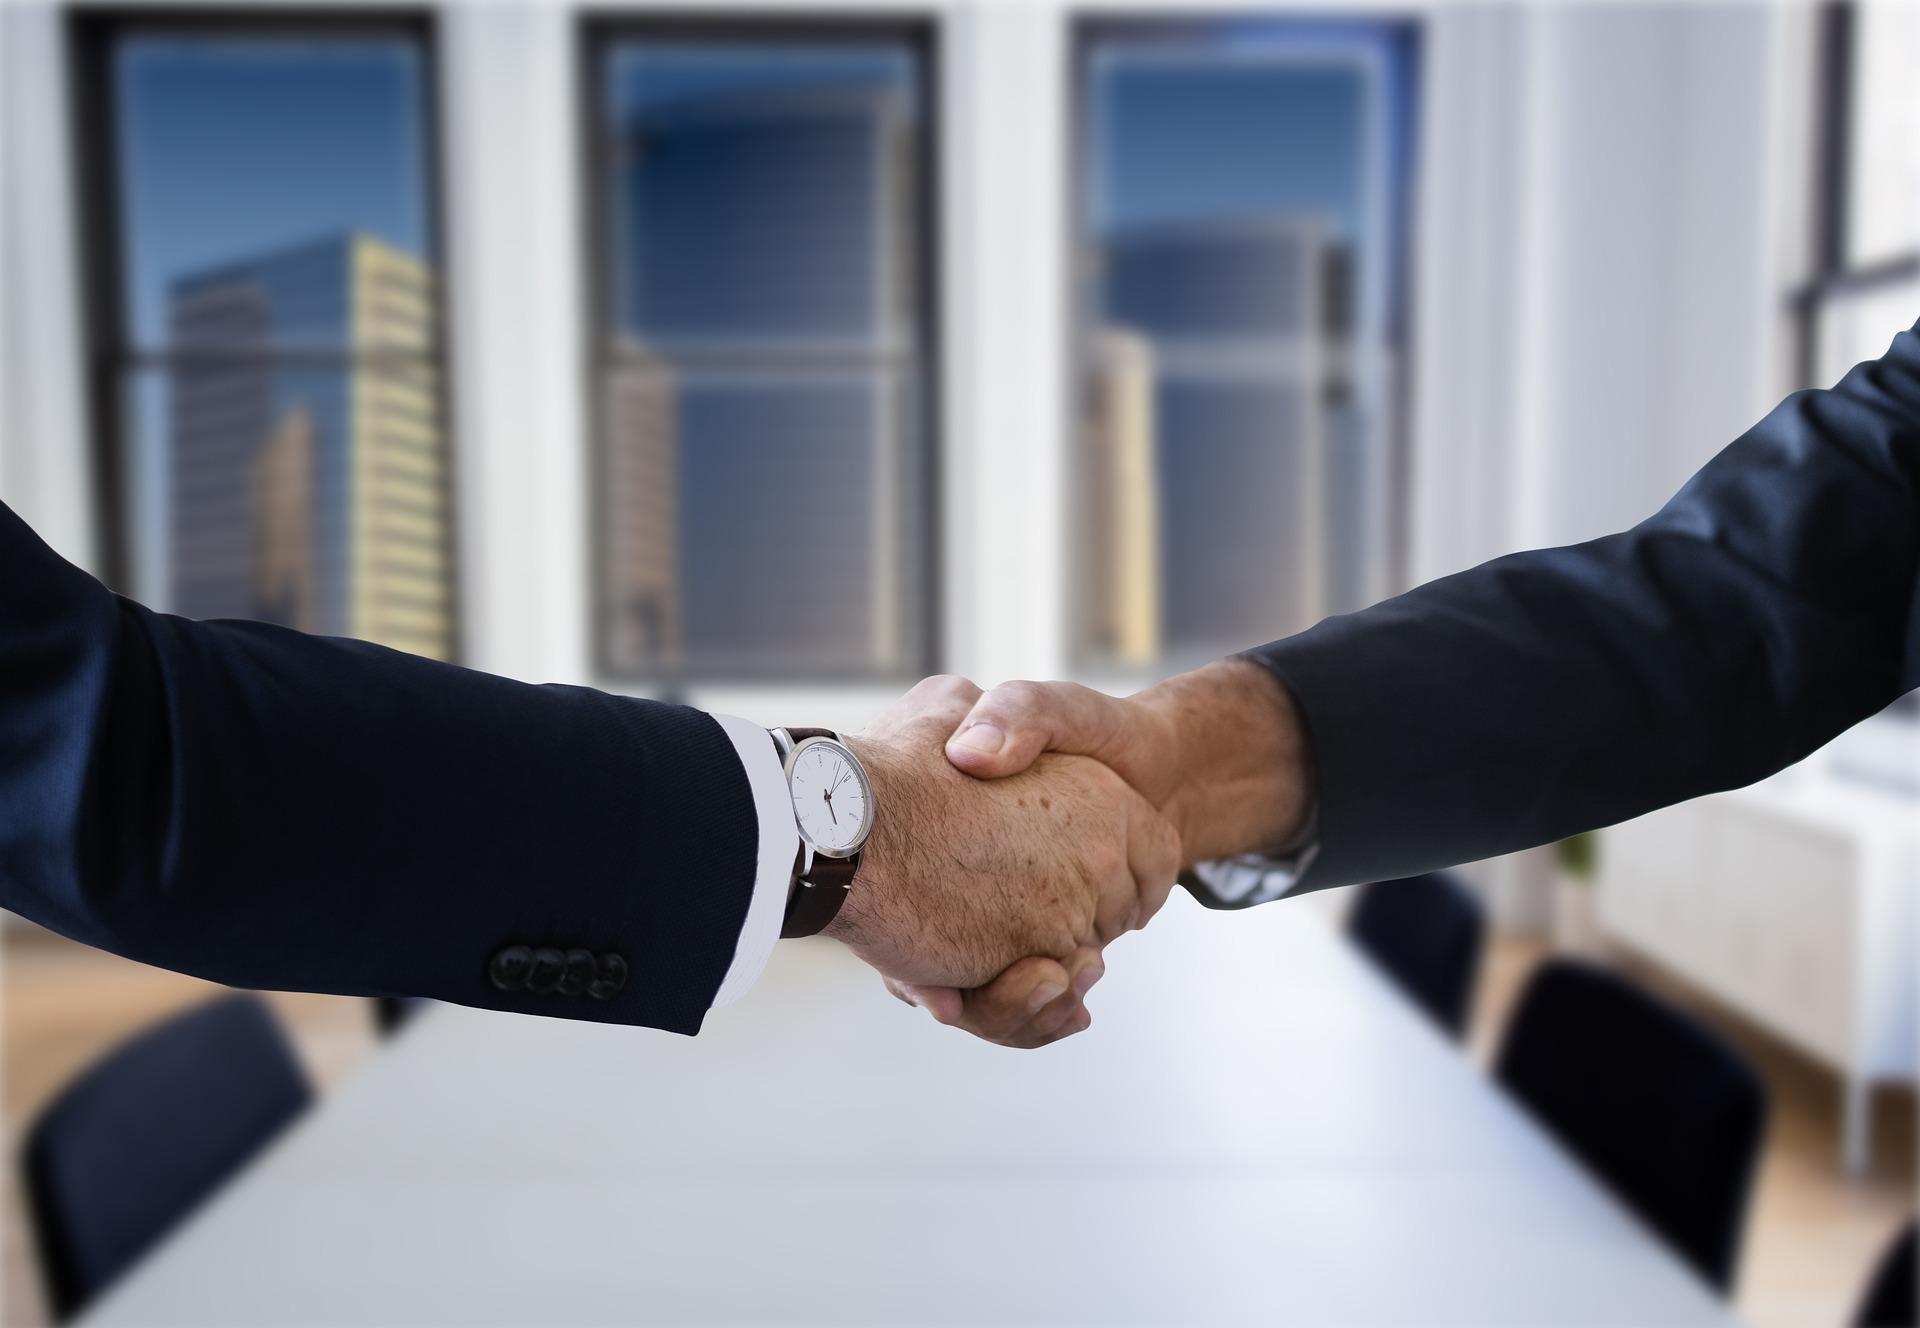 会計事務所から一般企業の経理に転職するメリット4つとノウハウを徹底解説!の画像1